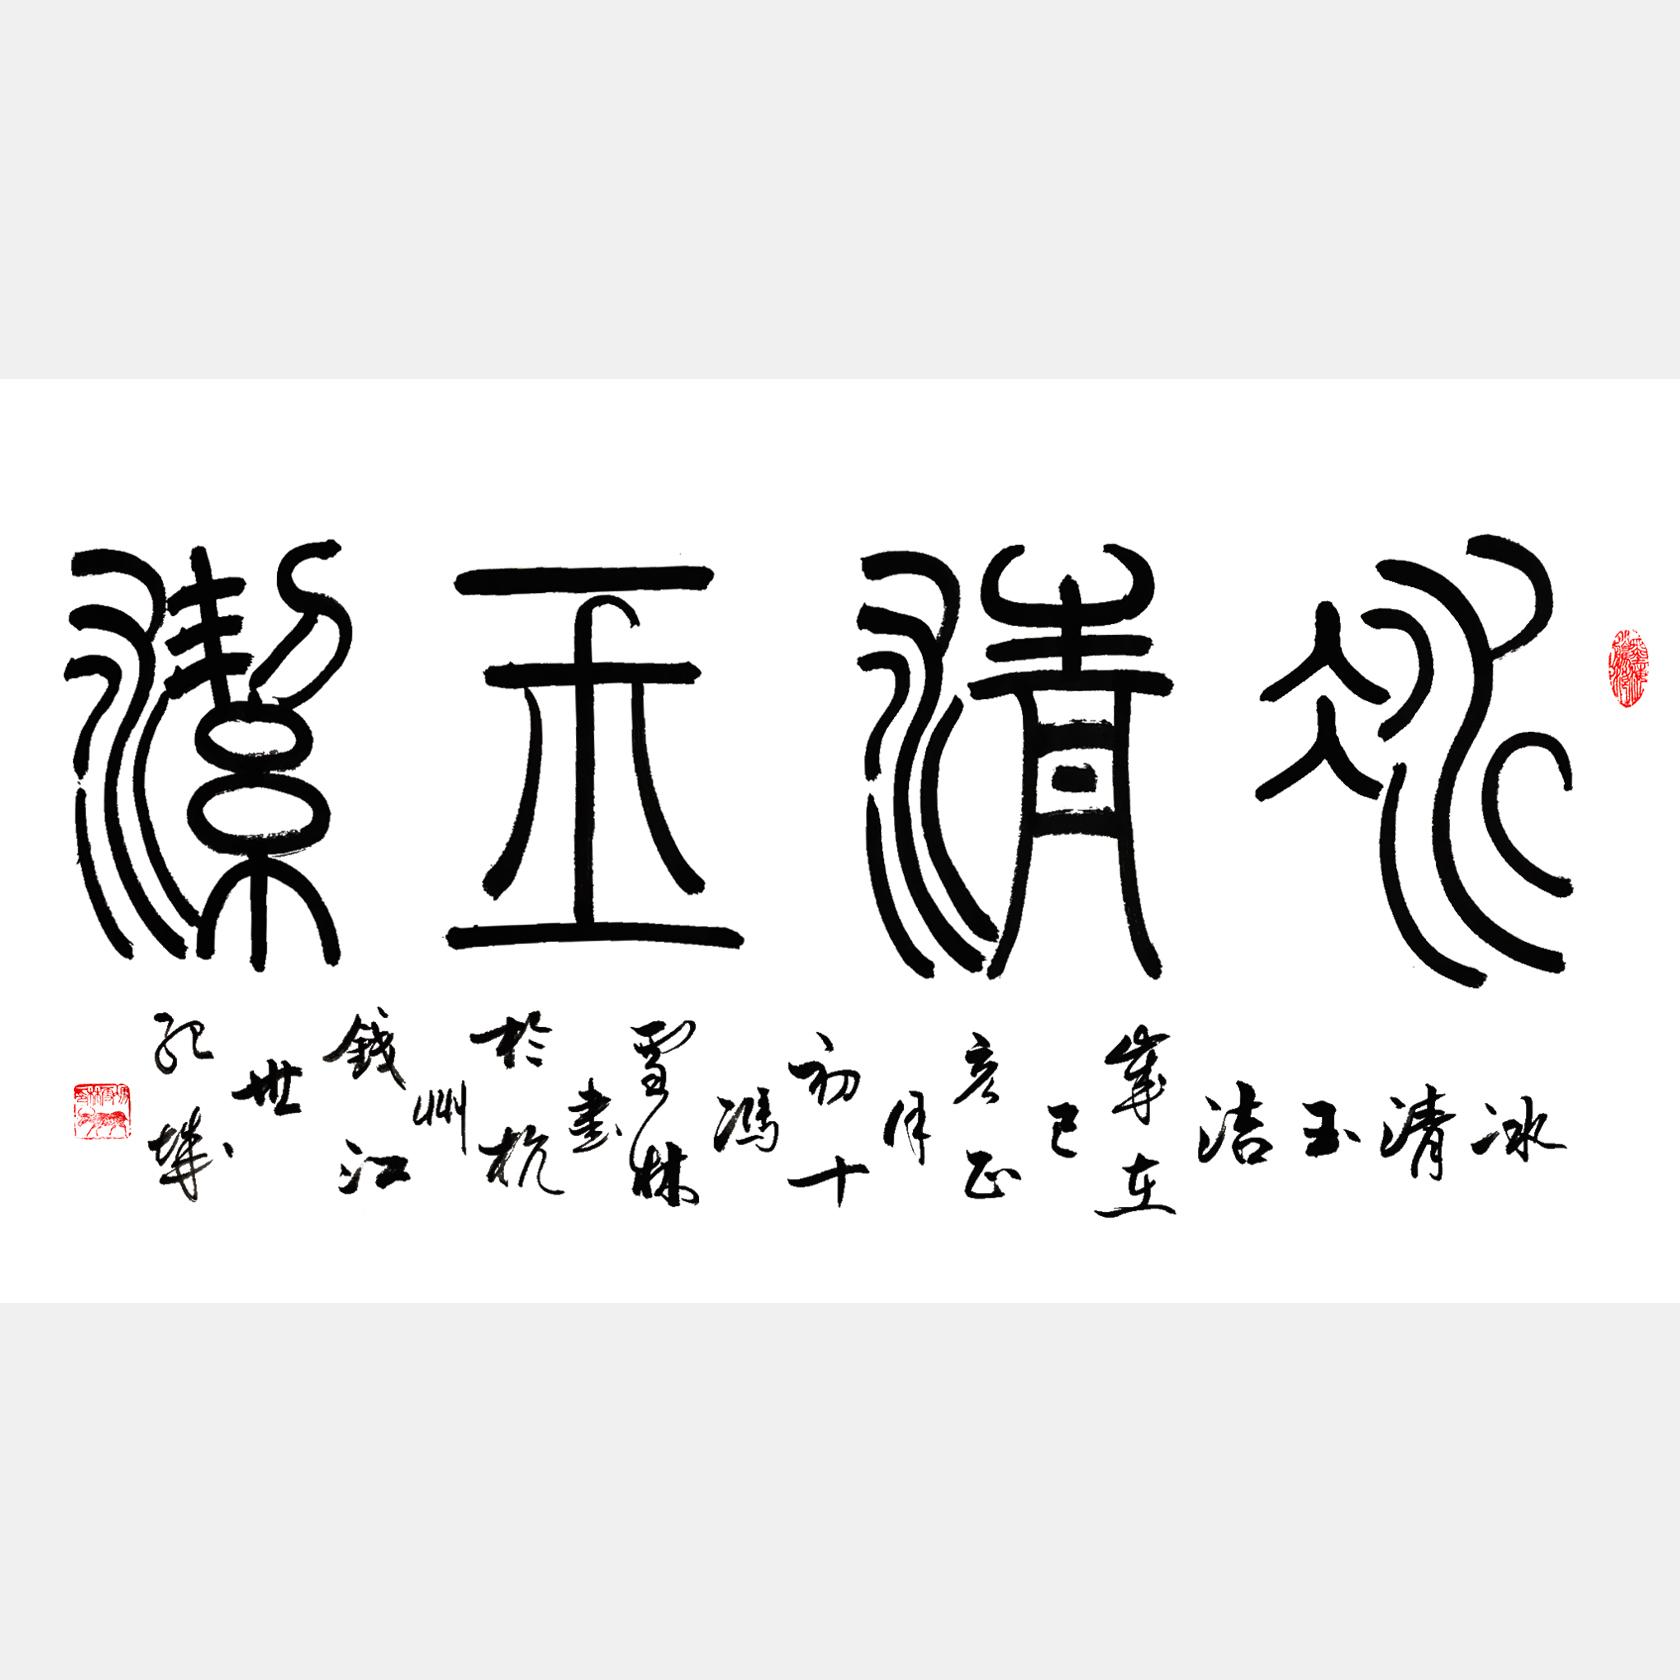 冰清玉洁书法字画 篆书书法作品